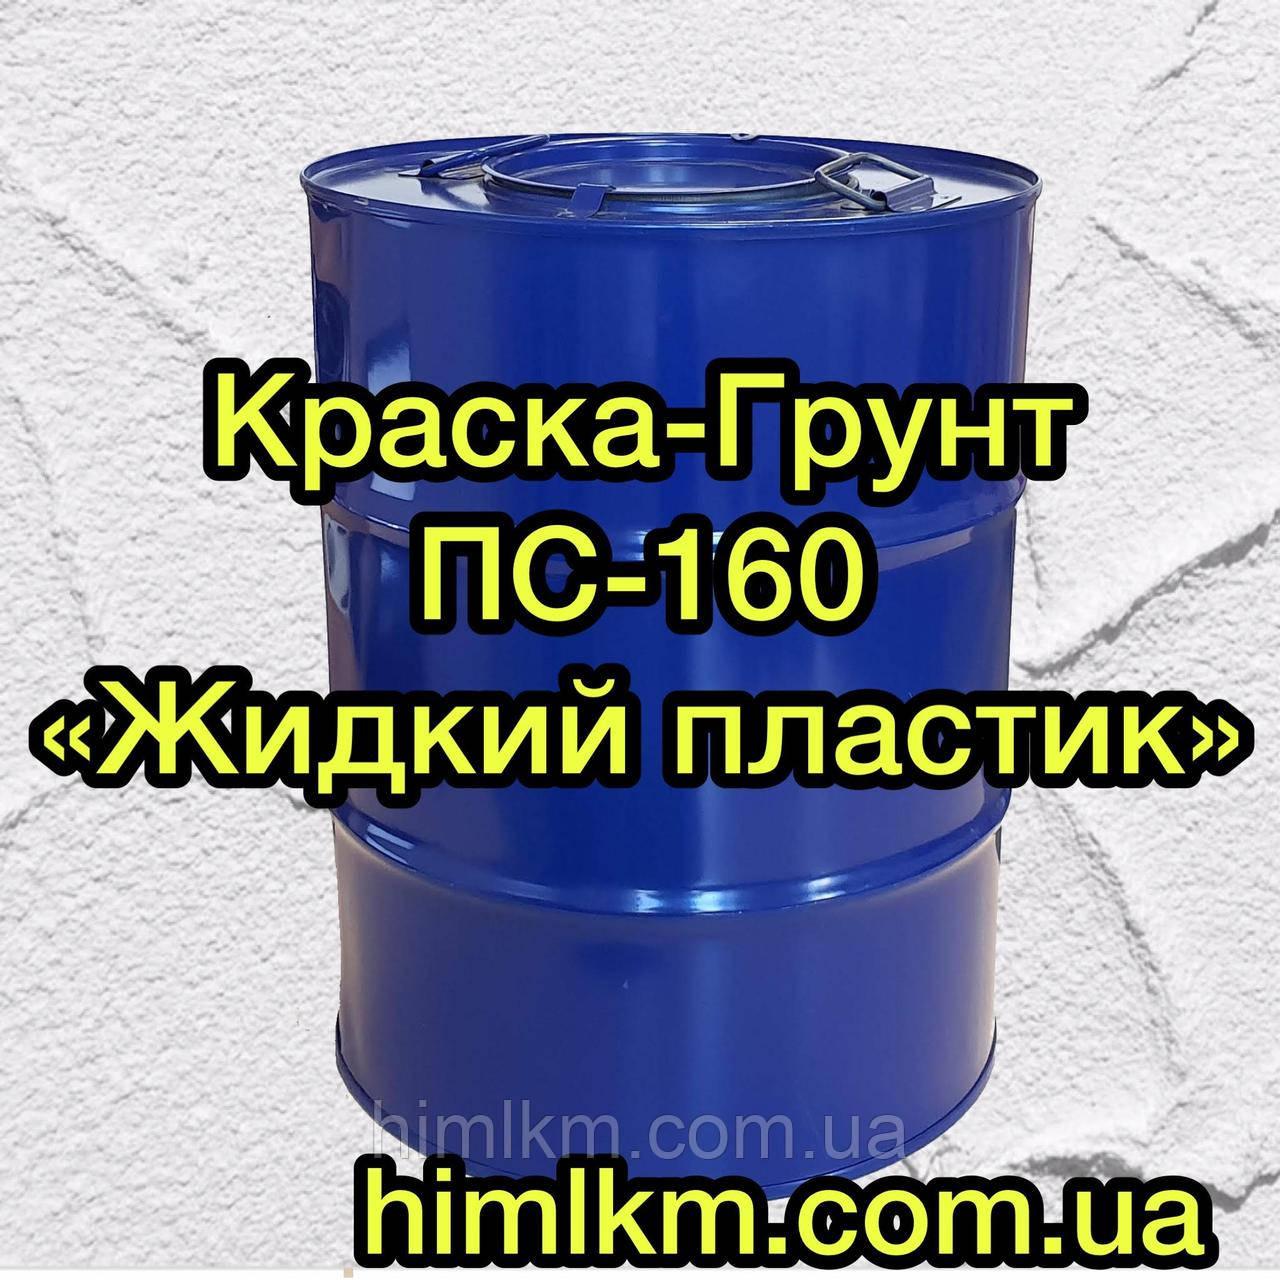 Грунт-краска ПС 160 жидкий пластик для покраски бетона, металла и дерева, 50кг